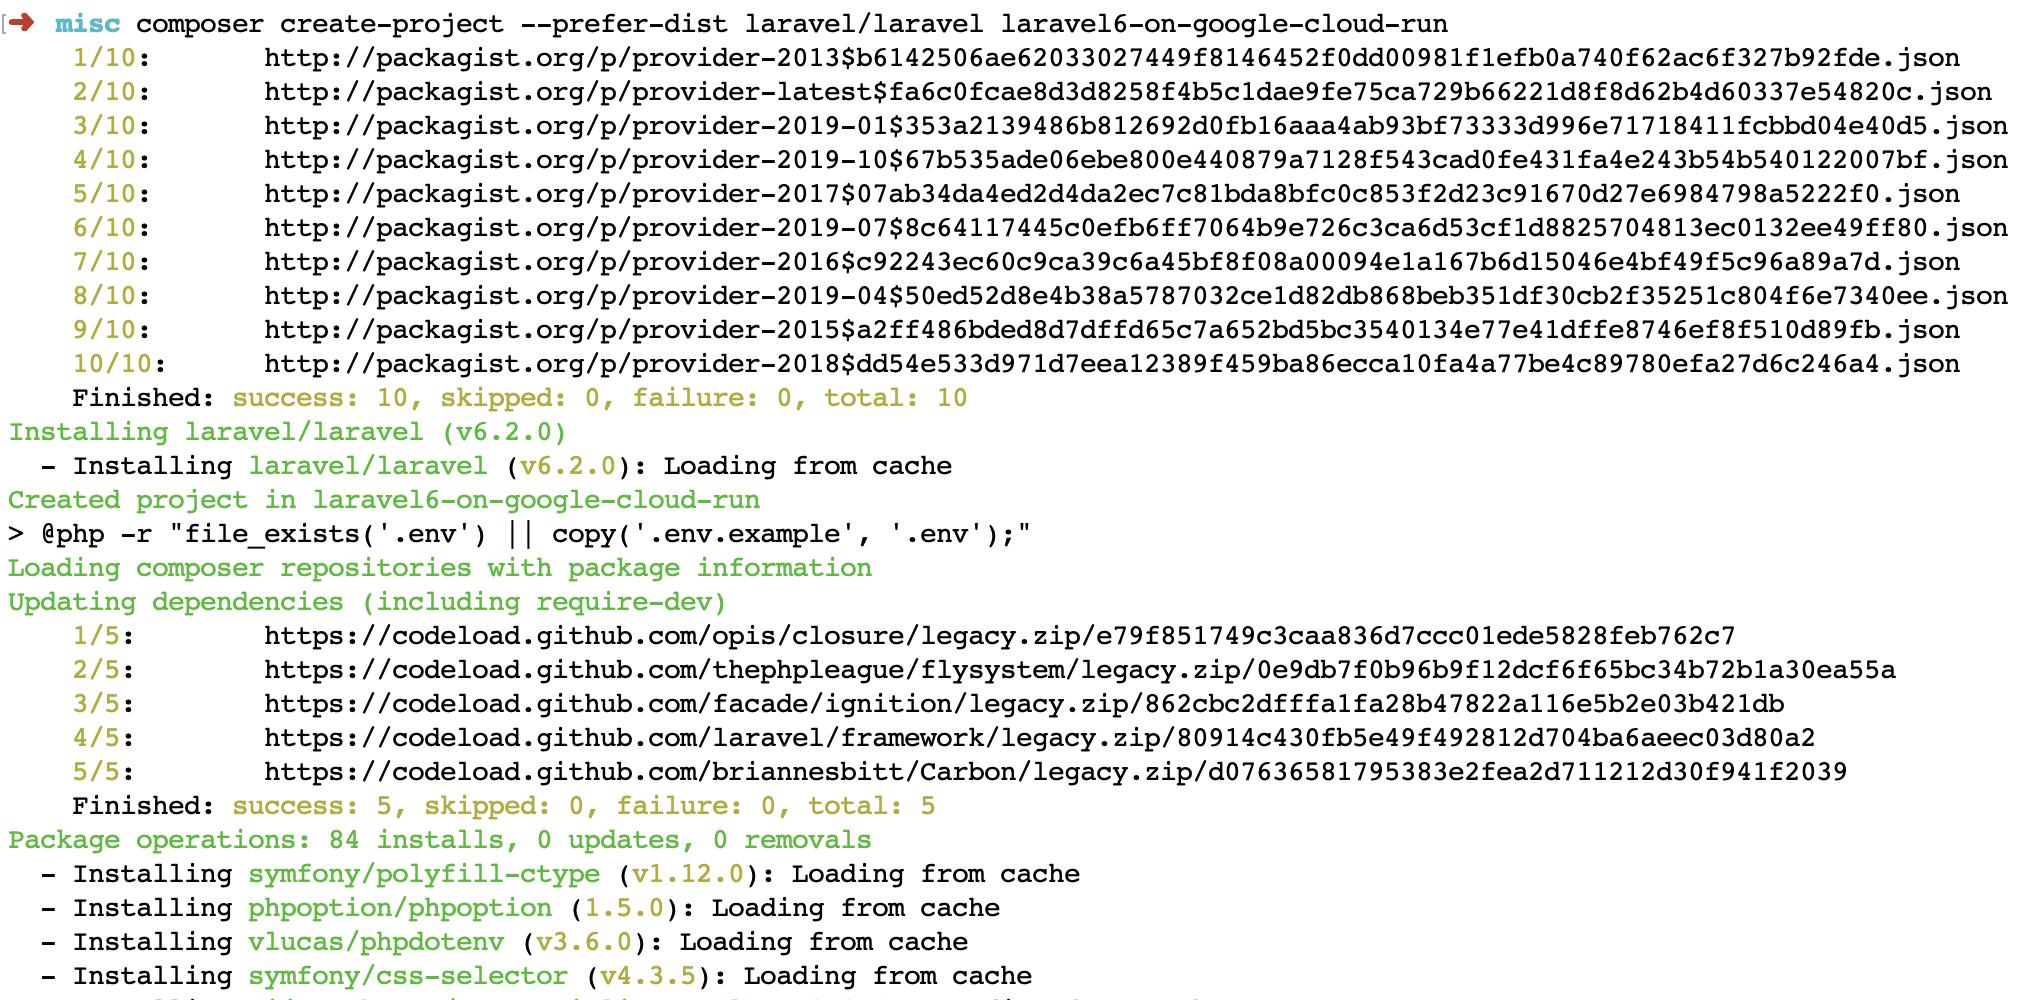 Пошаговое руководство по настройке Laravel 6 в Google Cloud Run с непрерывной интеграцией - 1